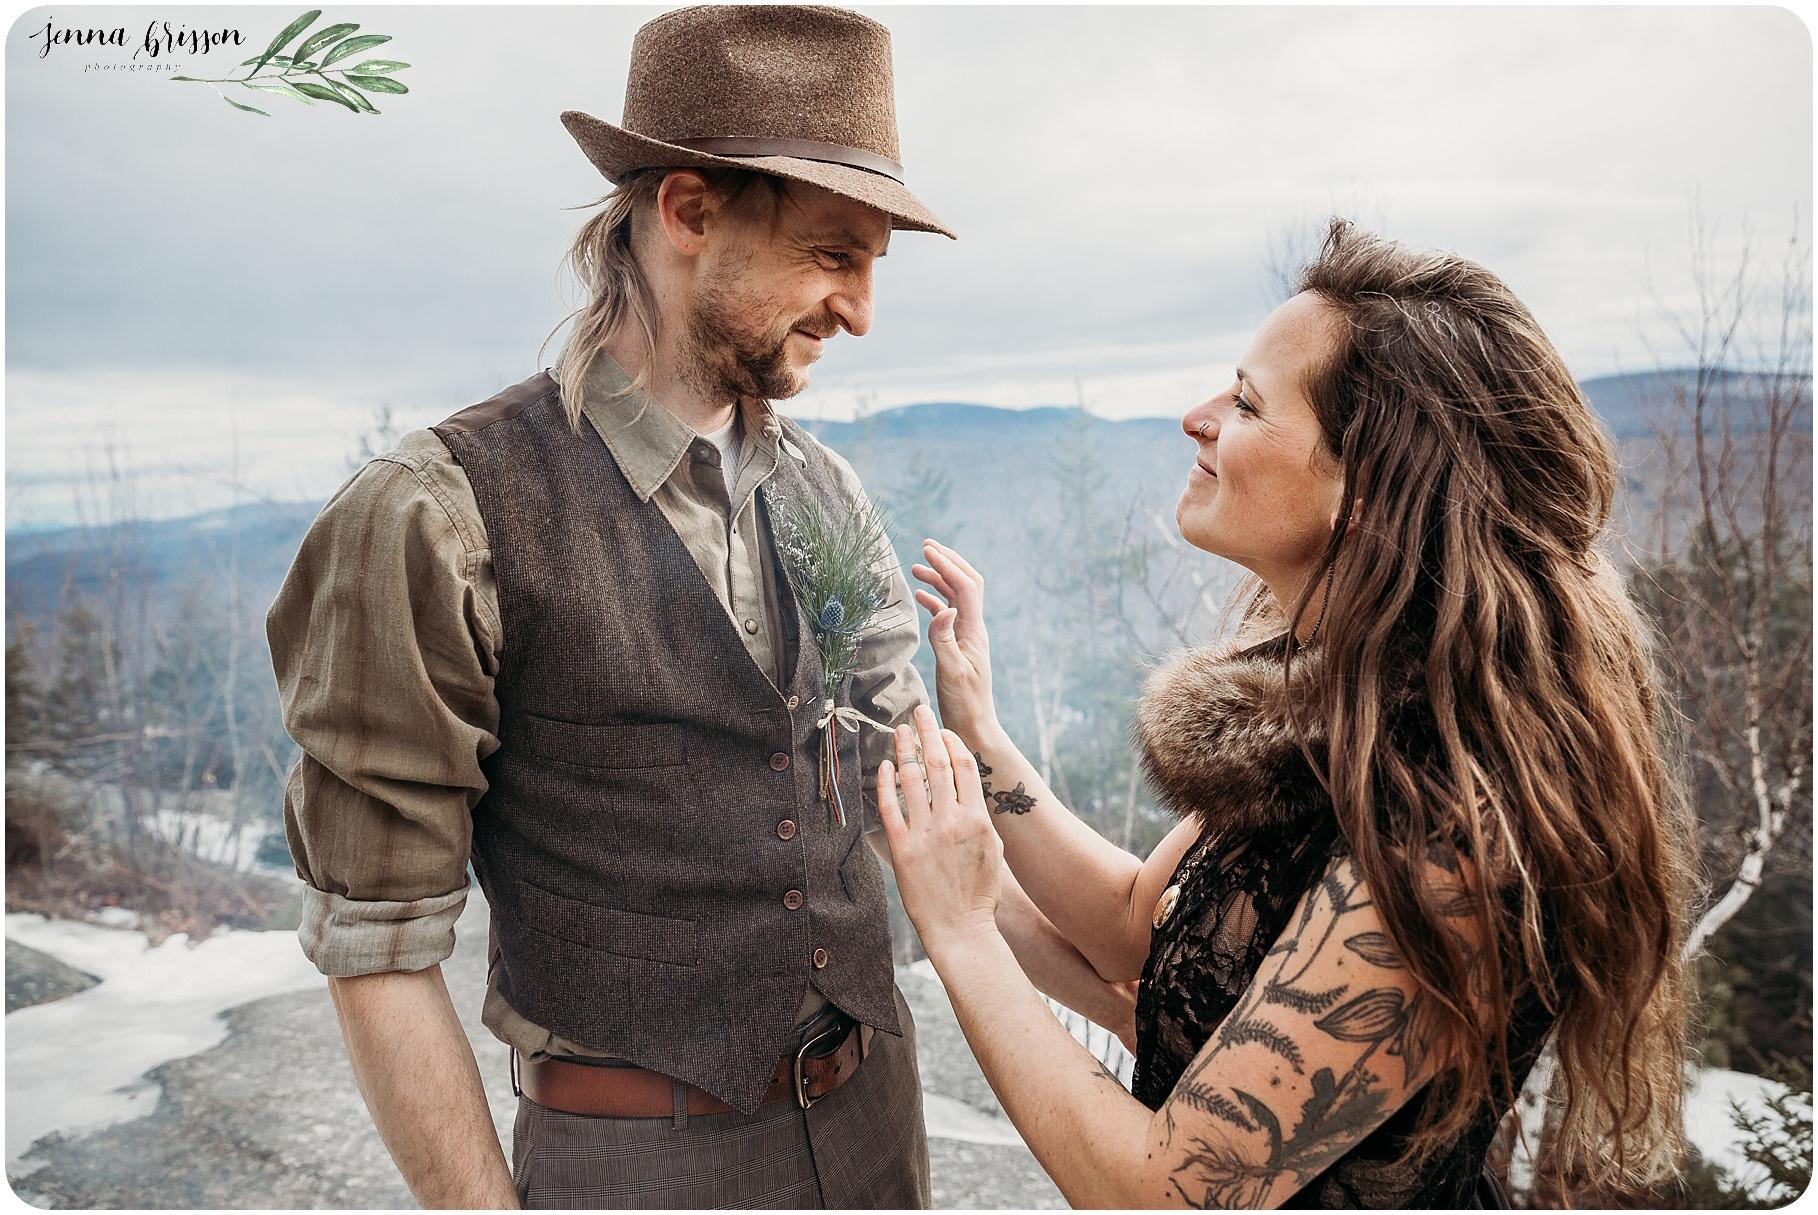 Vermont Destination Wedding Photographer - Jenna Brisson